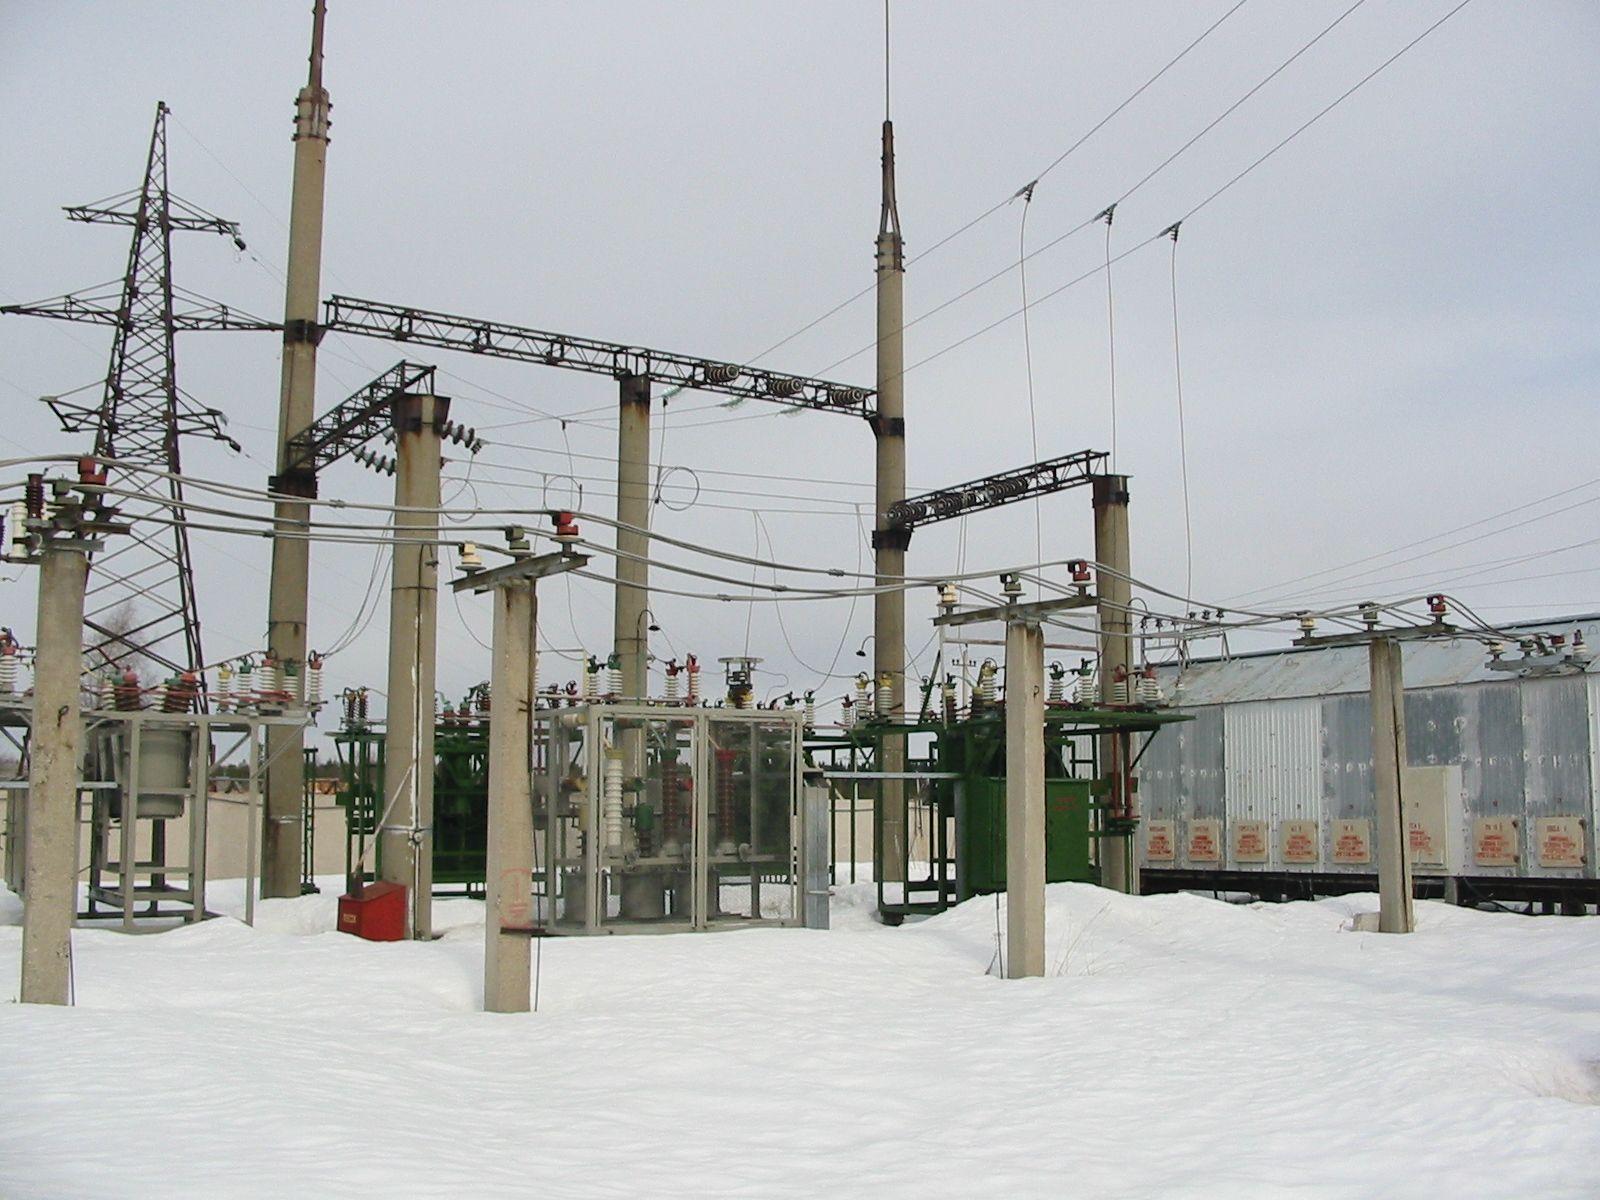 «Вологдаэнерго» приступил к реконструкции ПС 110/35/10 кВ «НПС» в Нюксенском районе Вологодской области